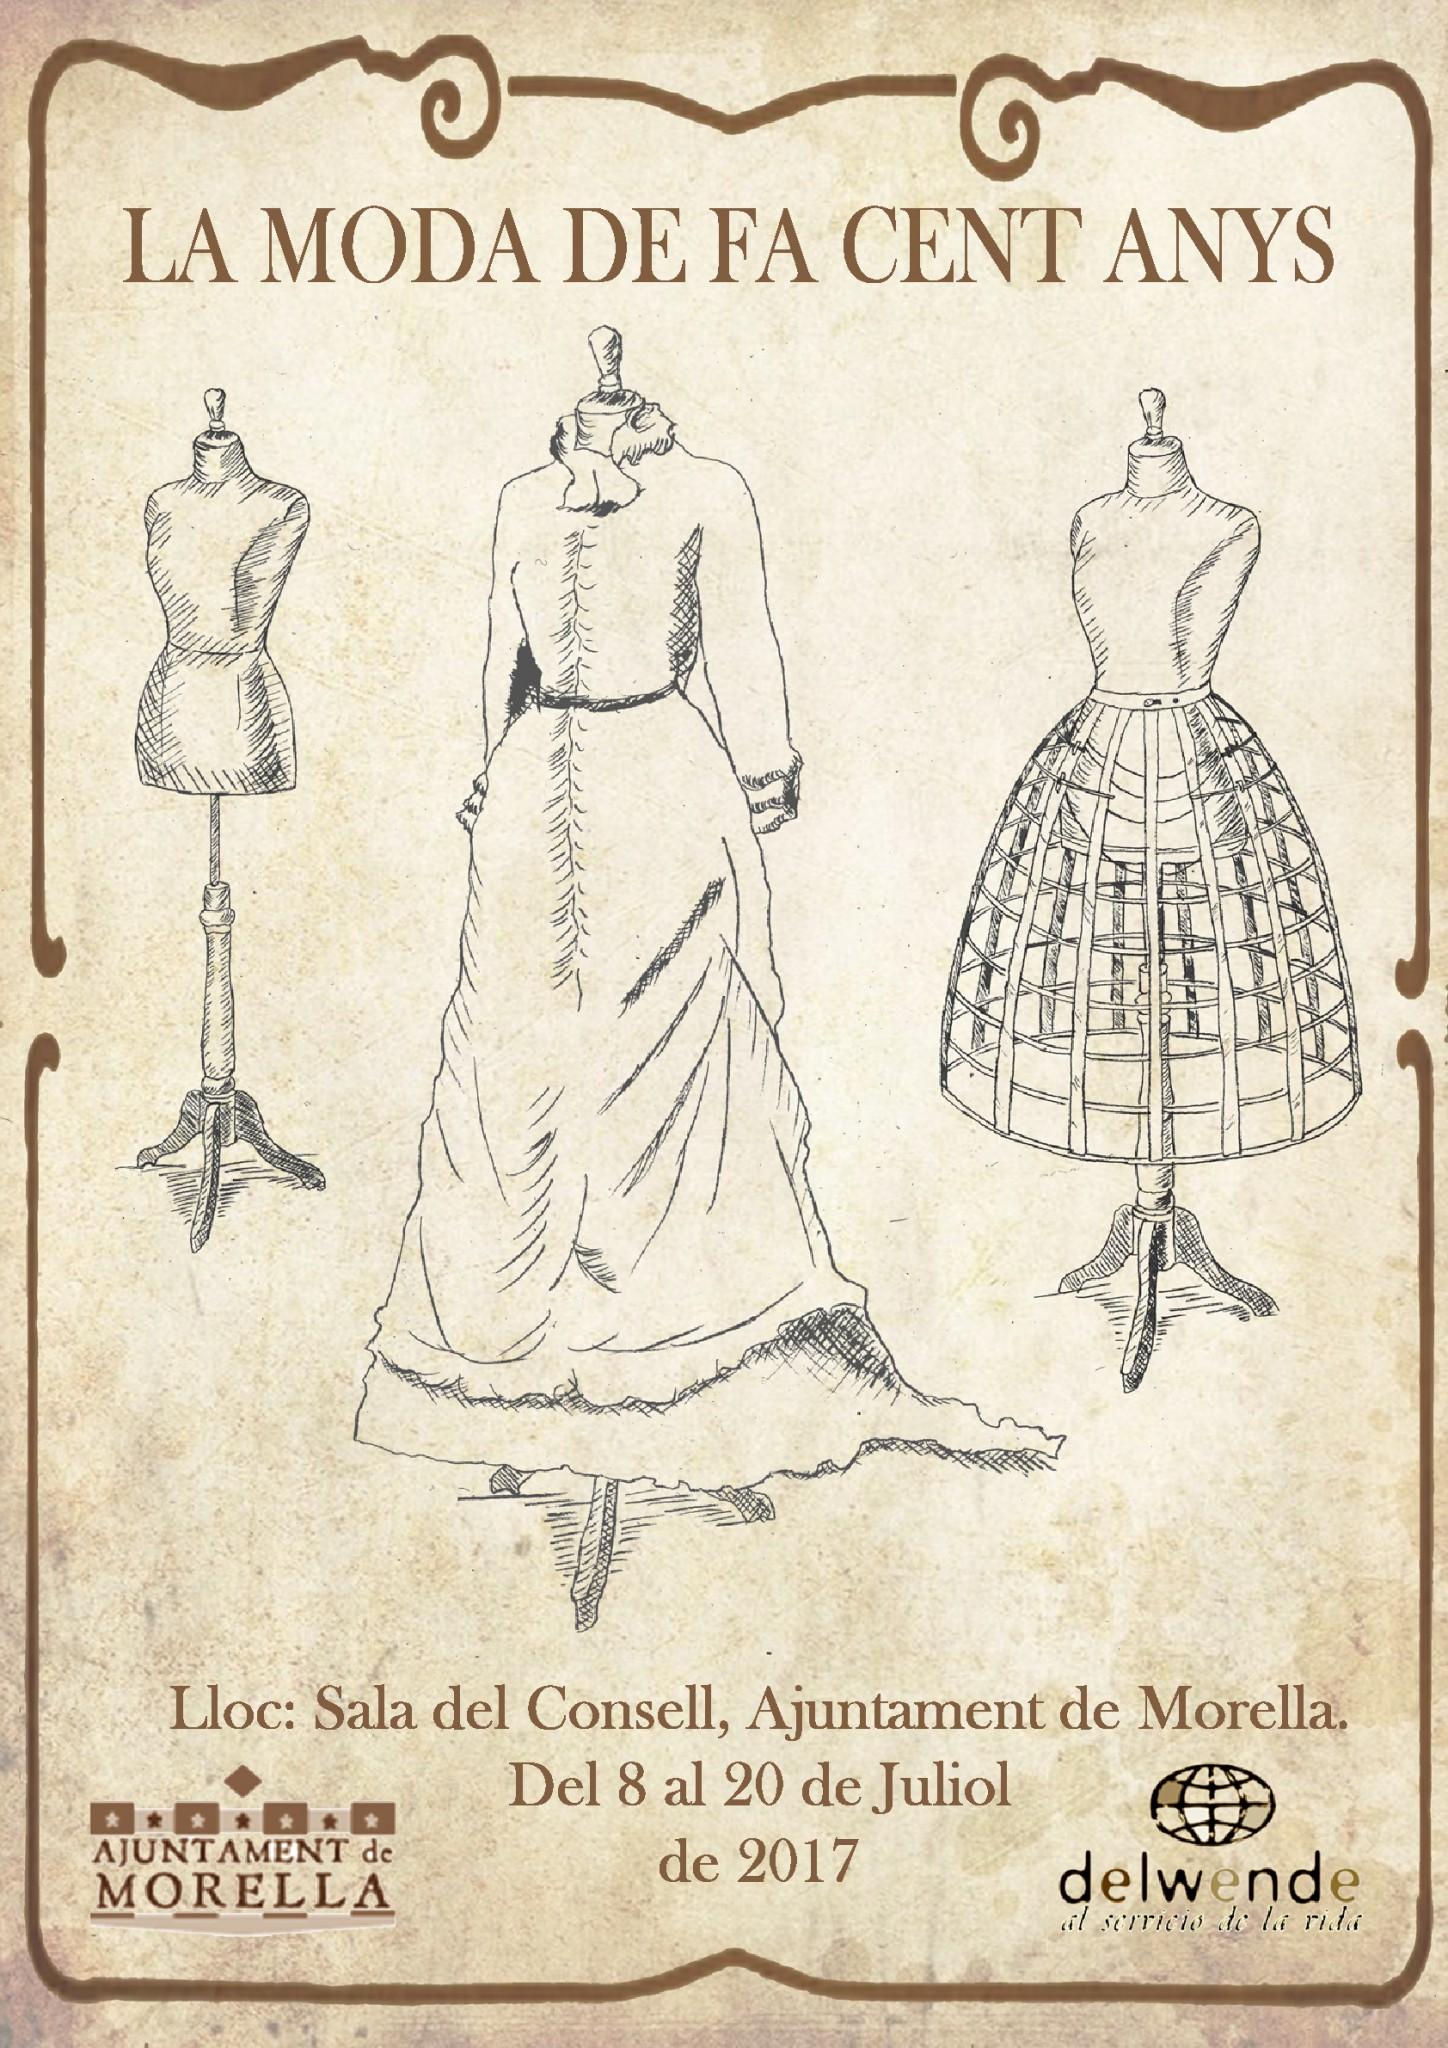 CARTEL DELWENDE_Morella